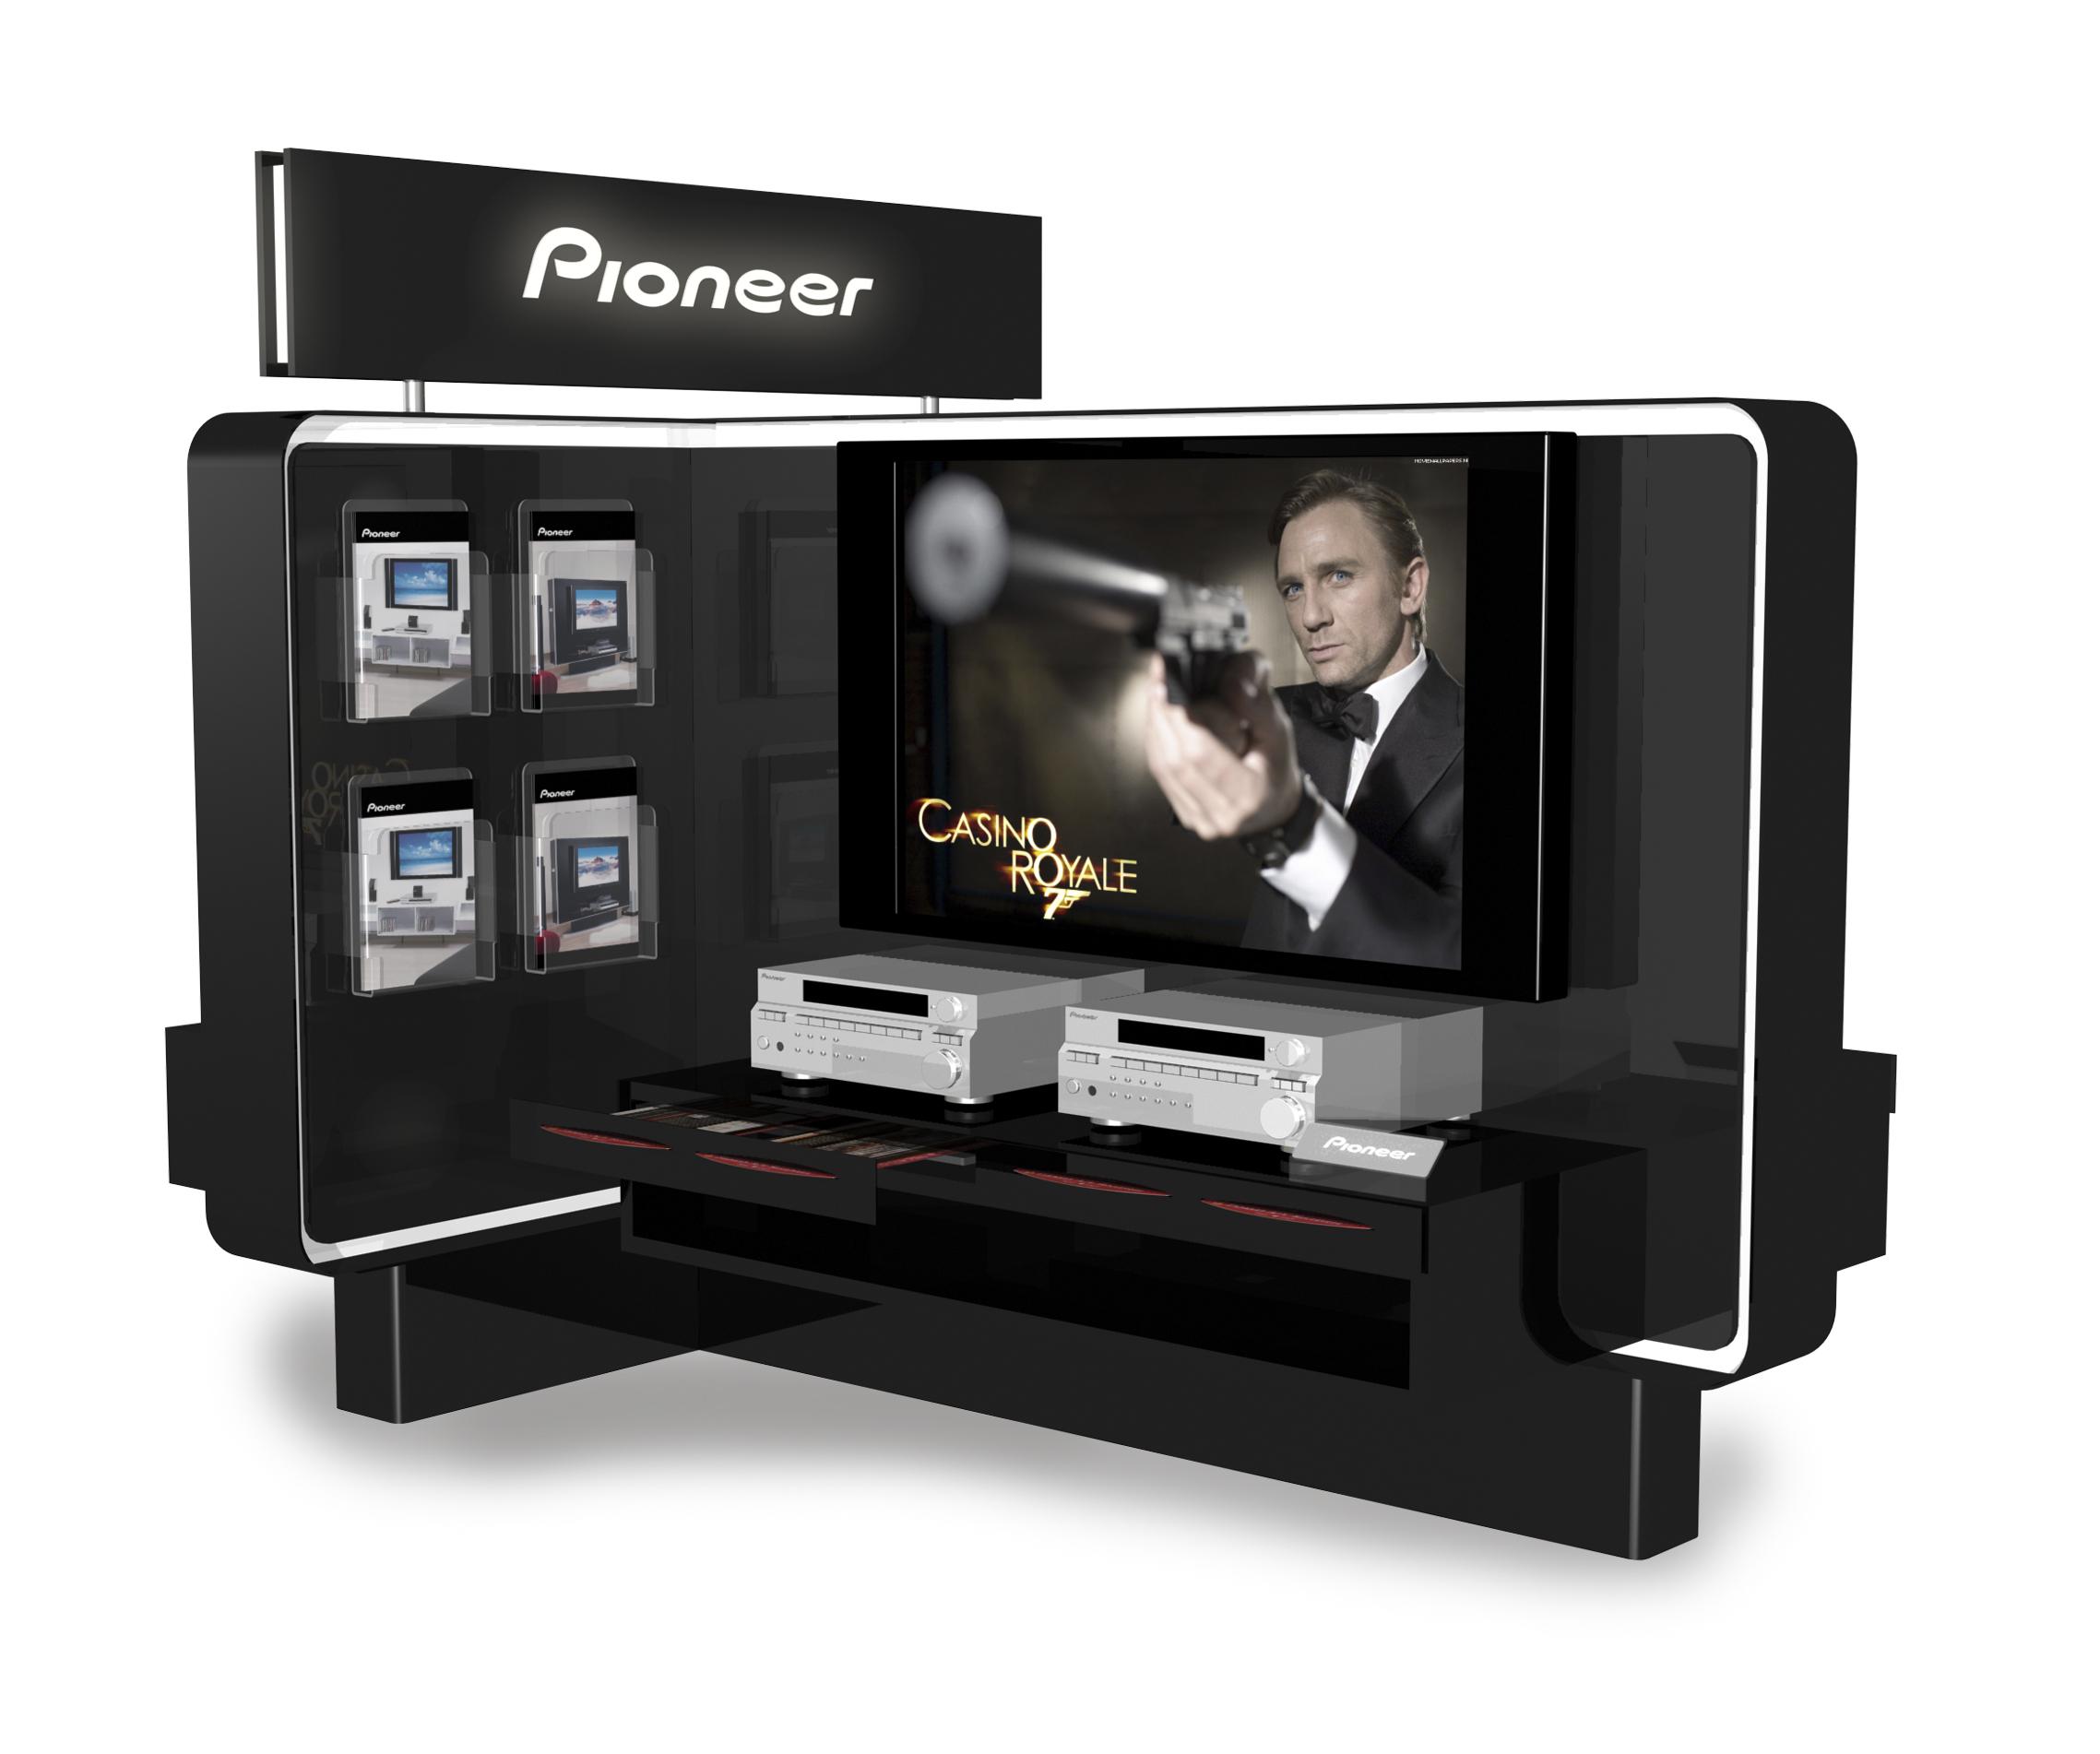 Pioneer Display system